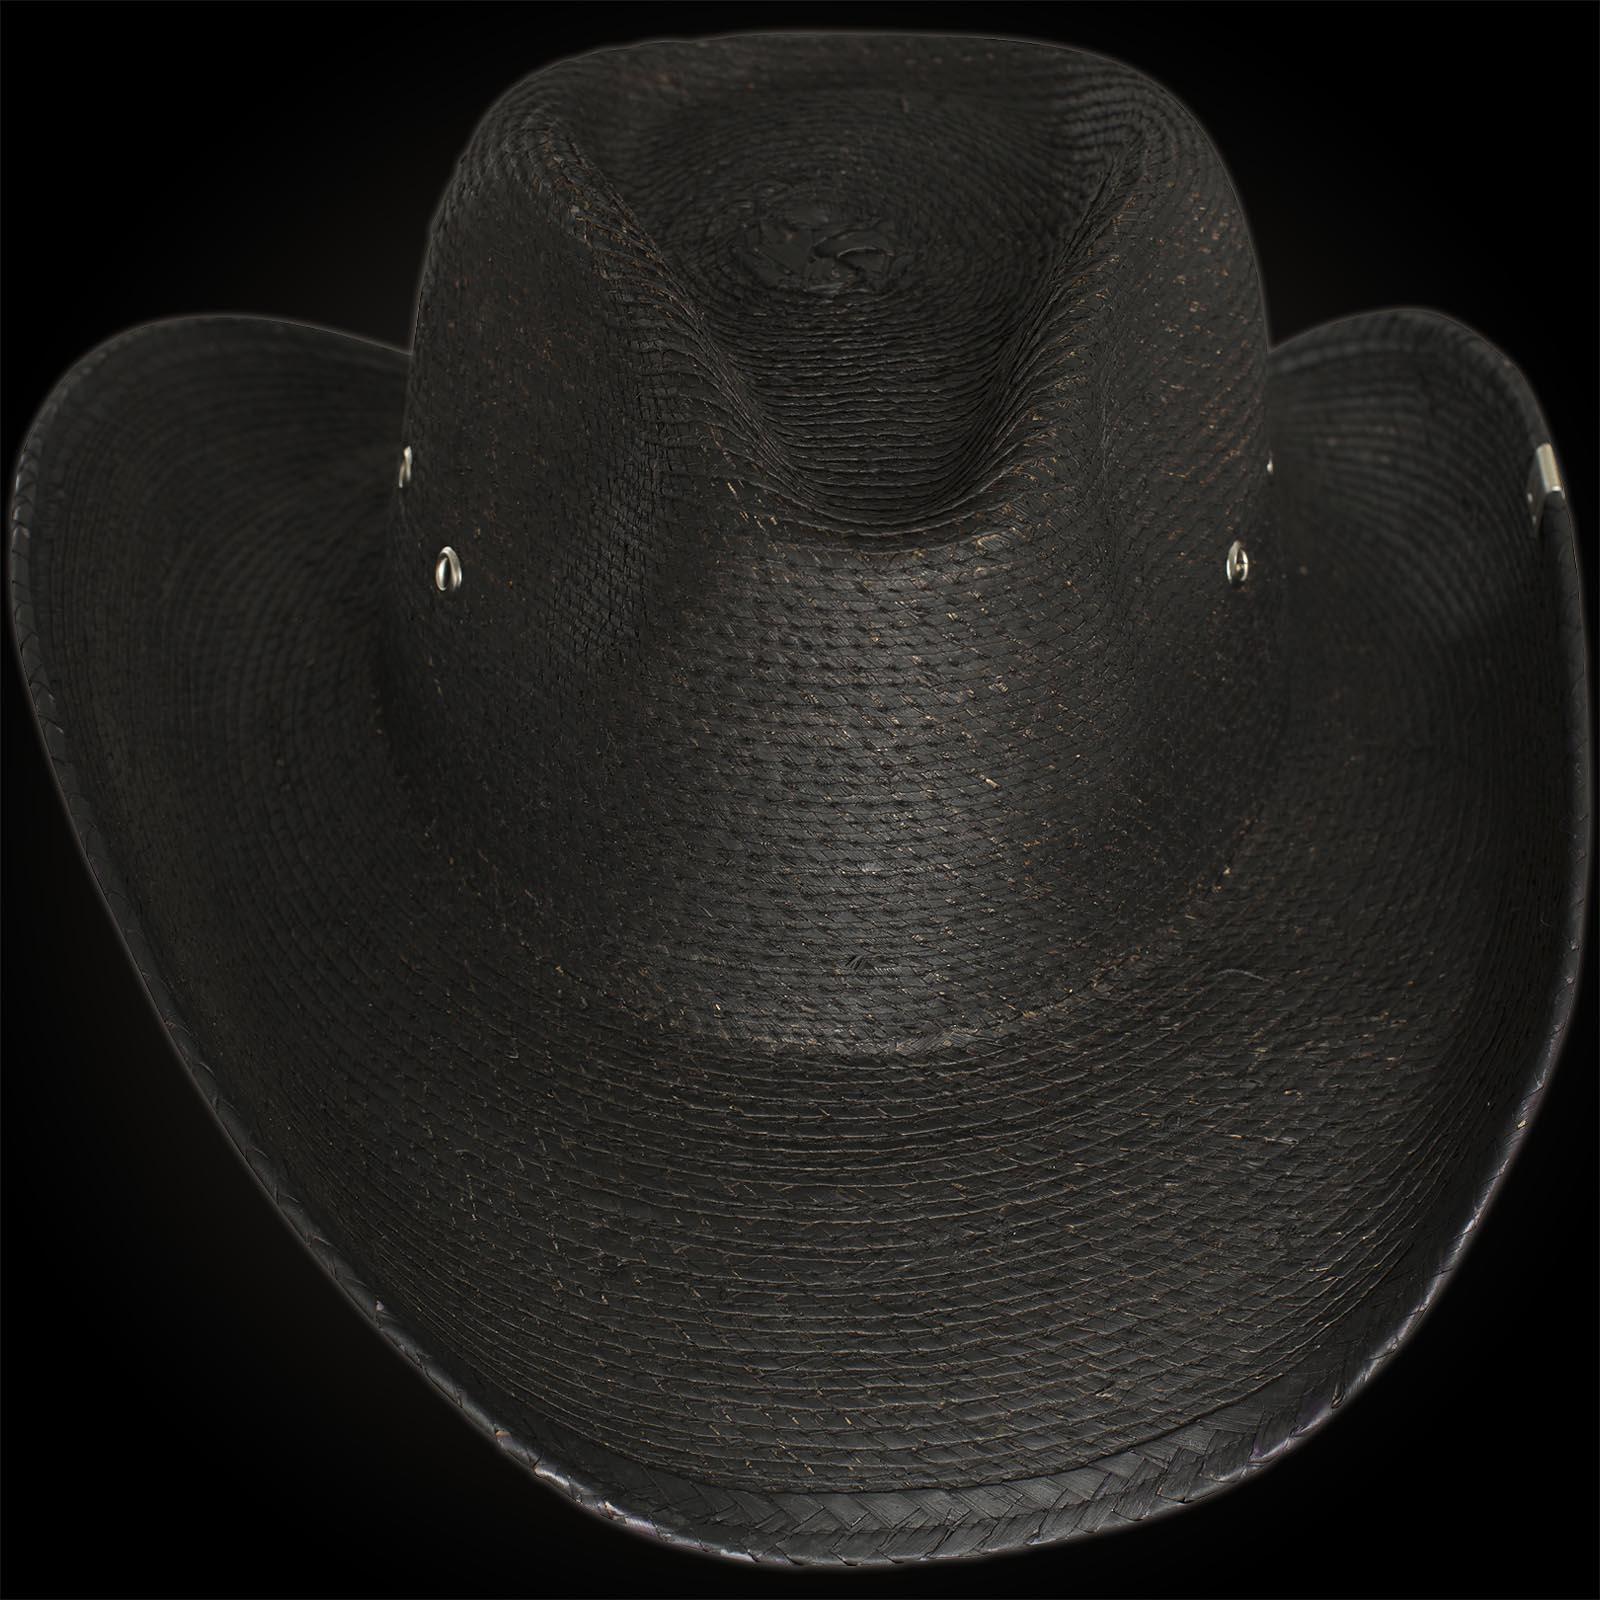 c5d031cc68d Wornstar Hat Essentials Hellrider Black Rocker Cowboy Hat Black ...